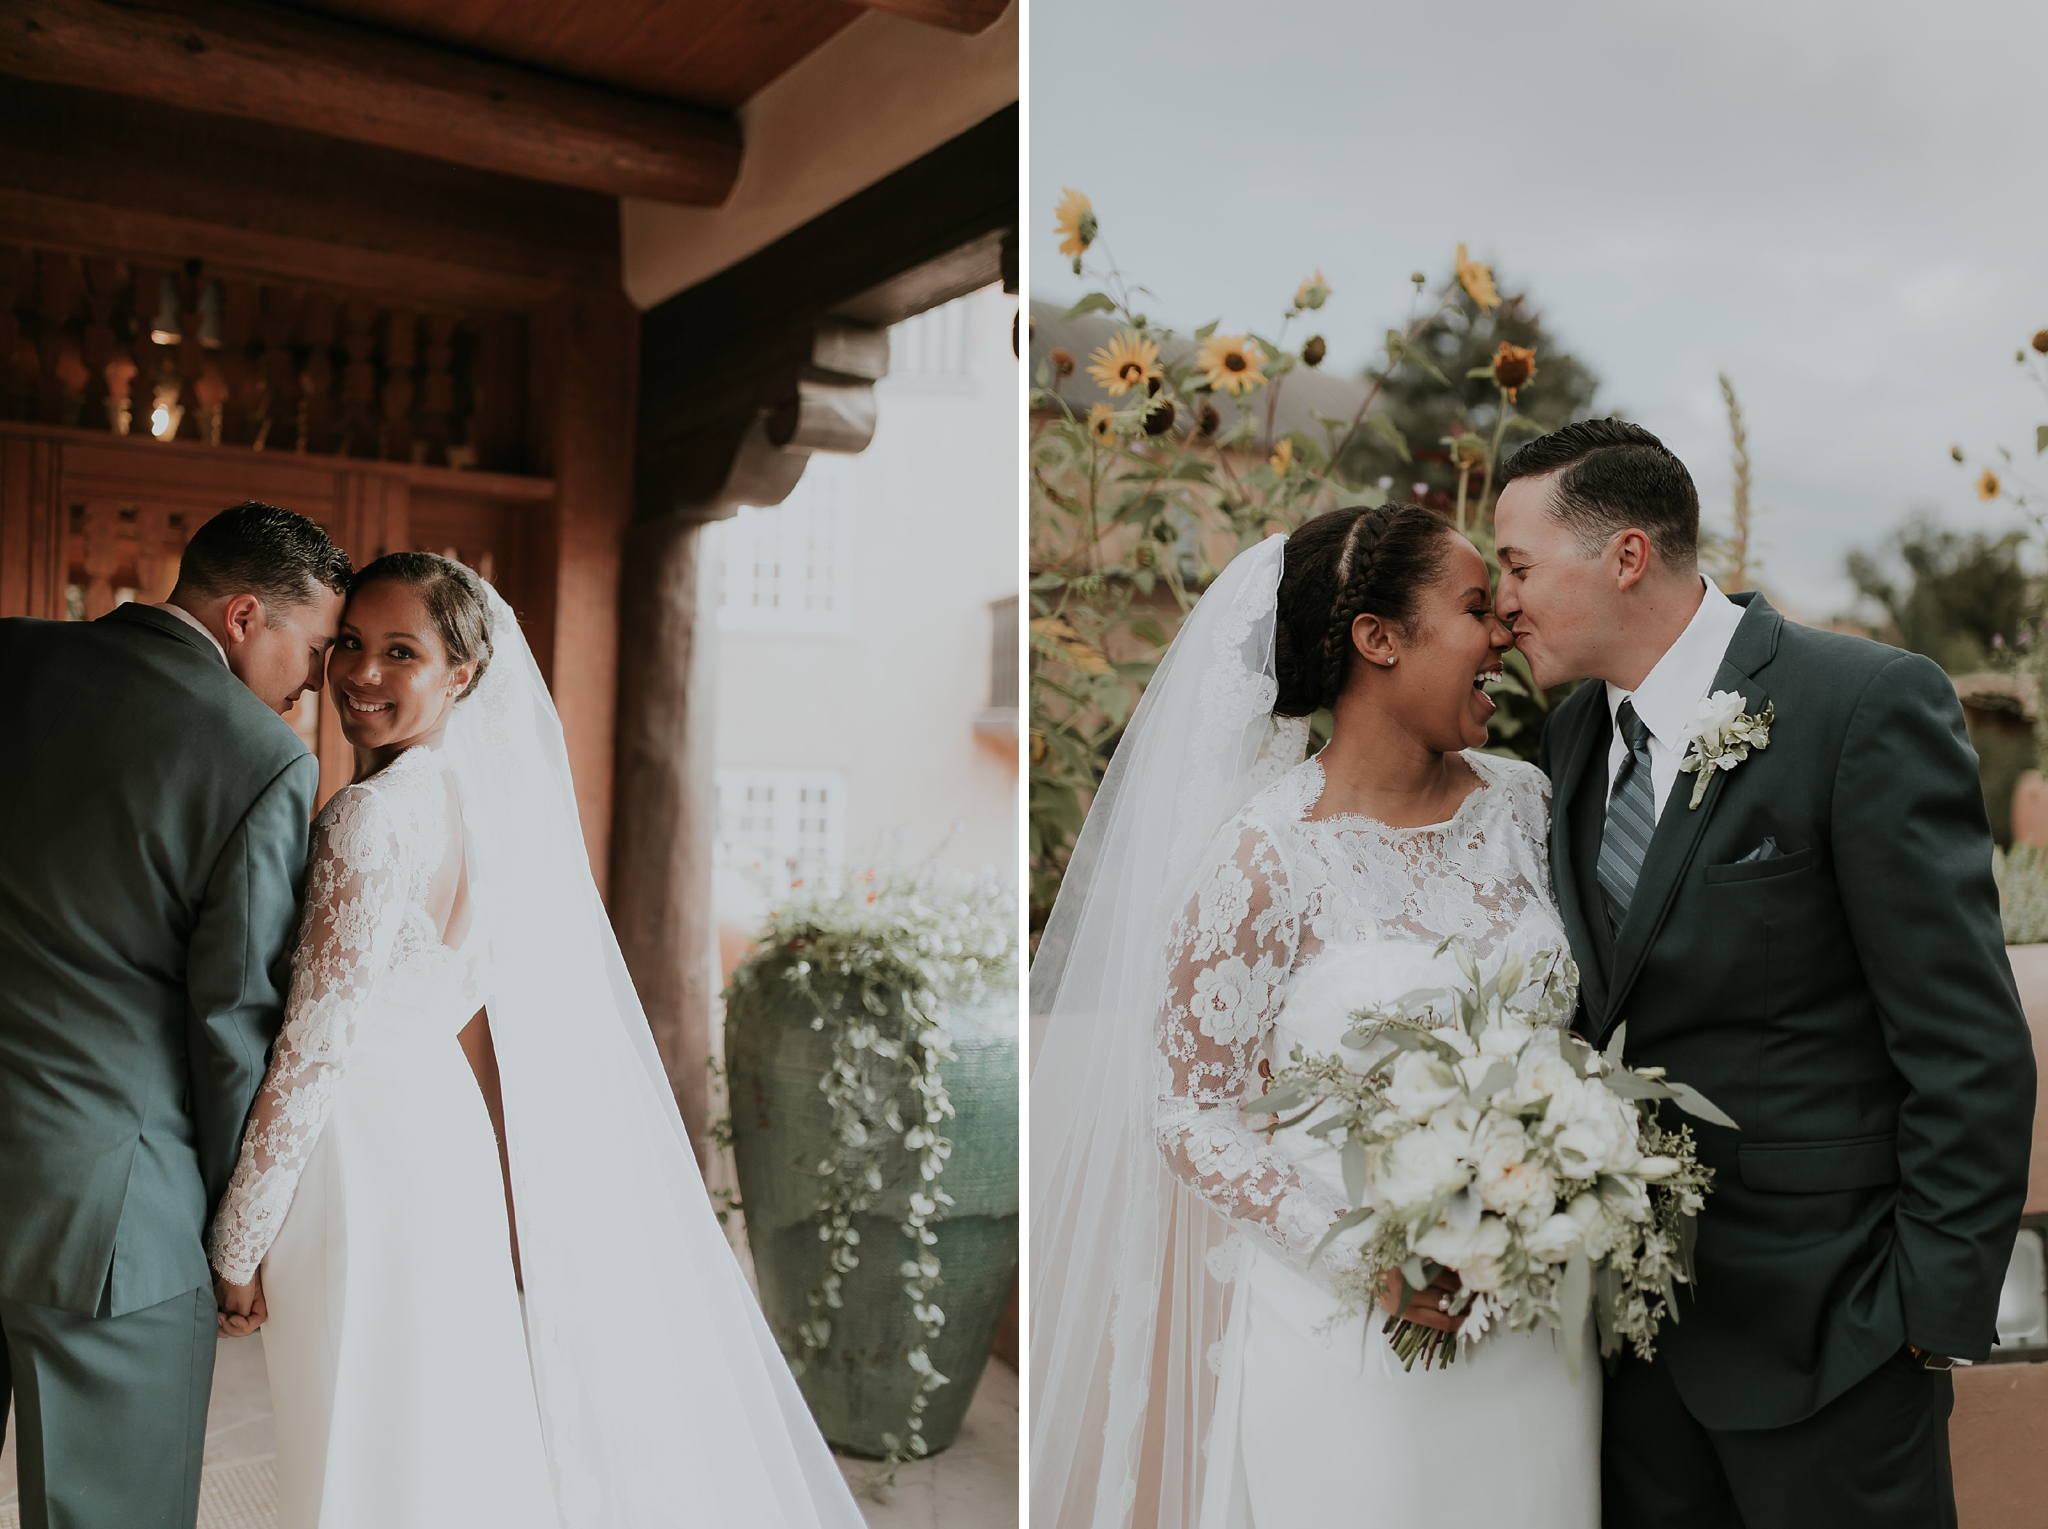 Alicia+lucia+photography+-+albuquerque+wedding+photographer+-+santa+fe+wedding+photography+-+new+mexico+wedding+photographer+-+new+mexico+wedding+-+wedding+makeup+-+makeup+artist+-+wedding+makeup+artist+-+bridal+makeup_0058.jpg